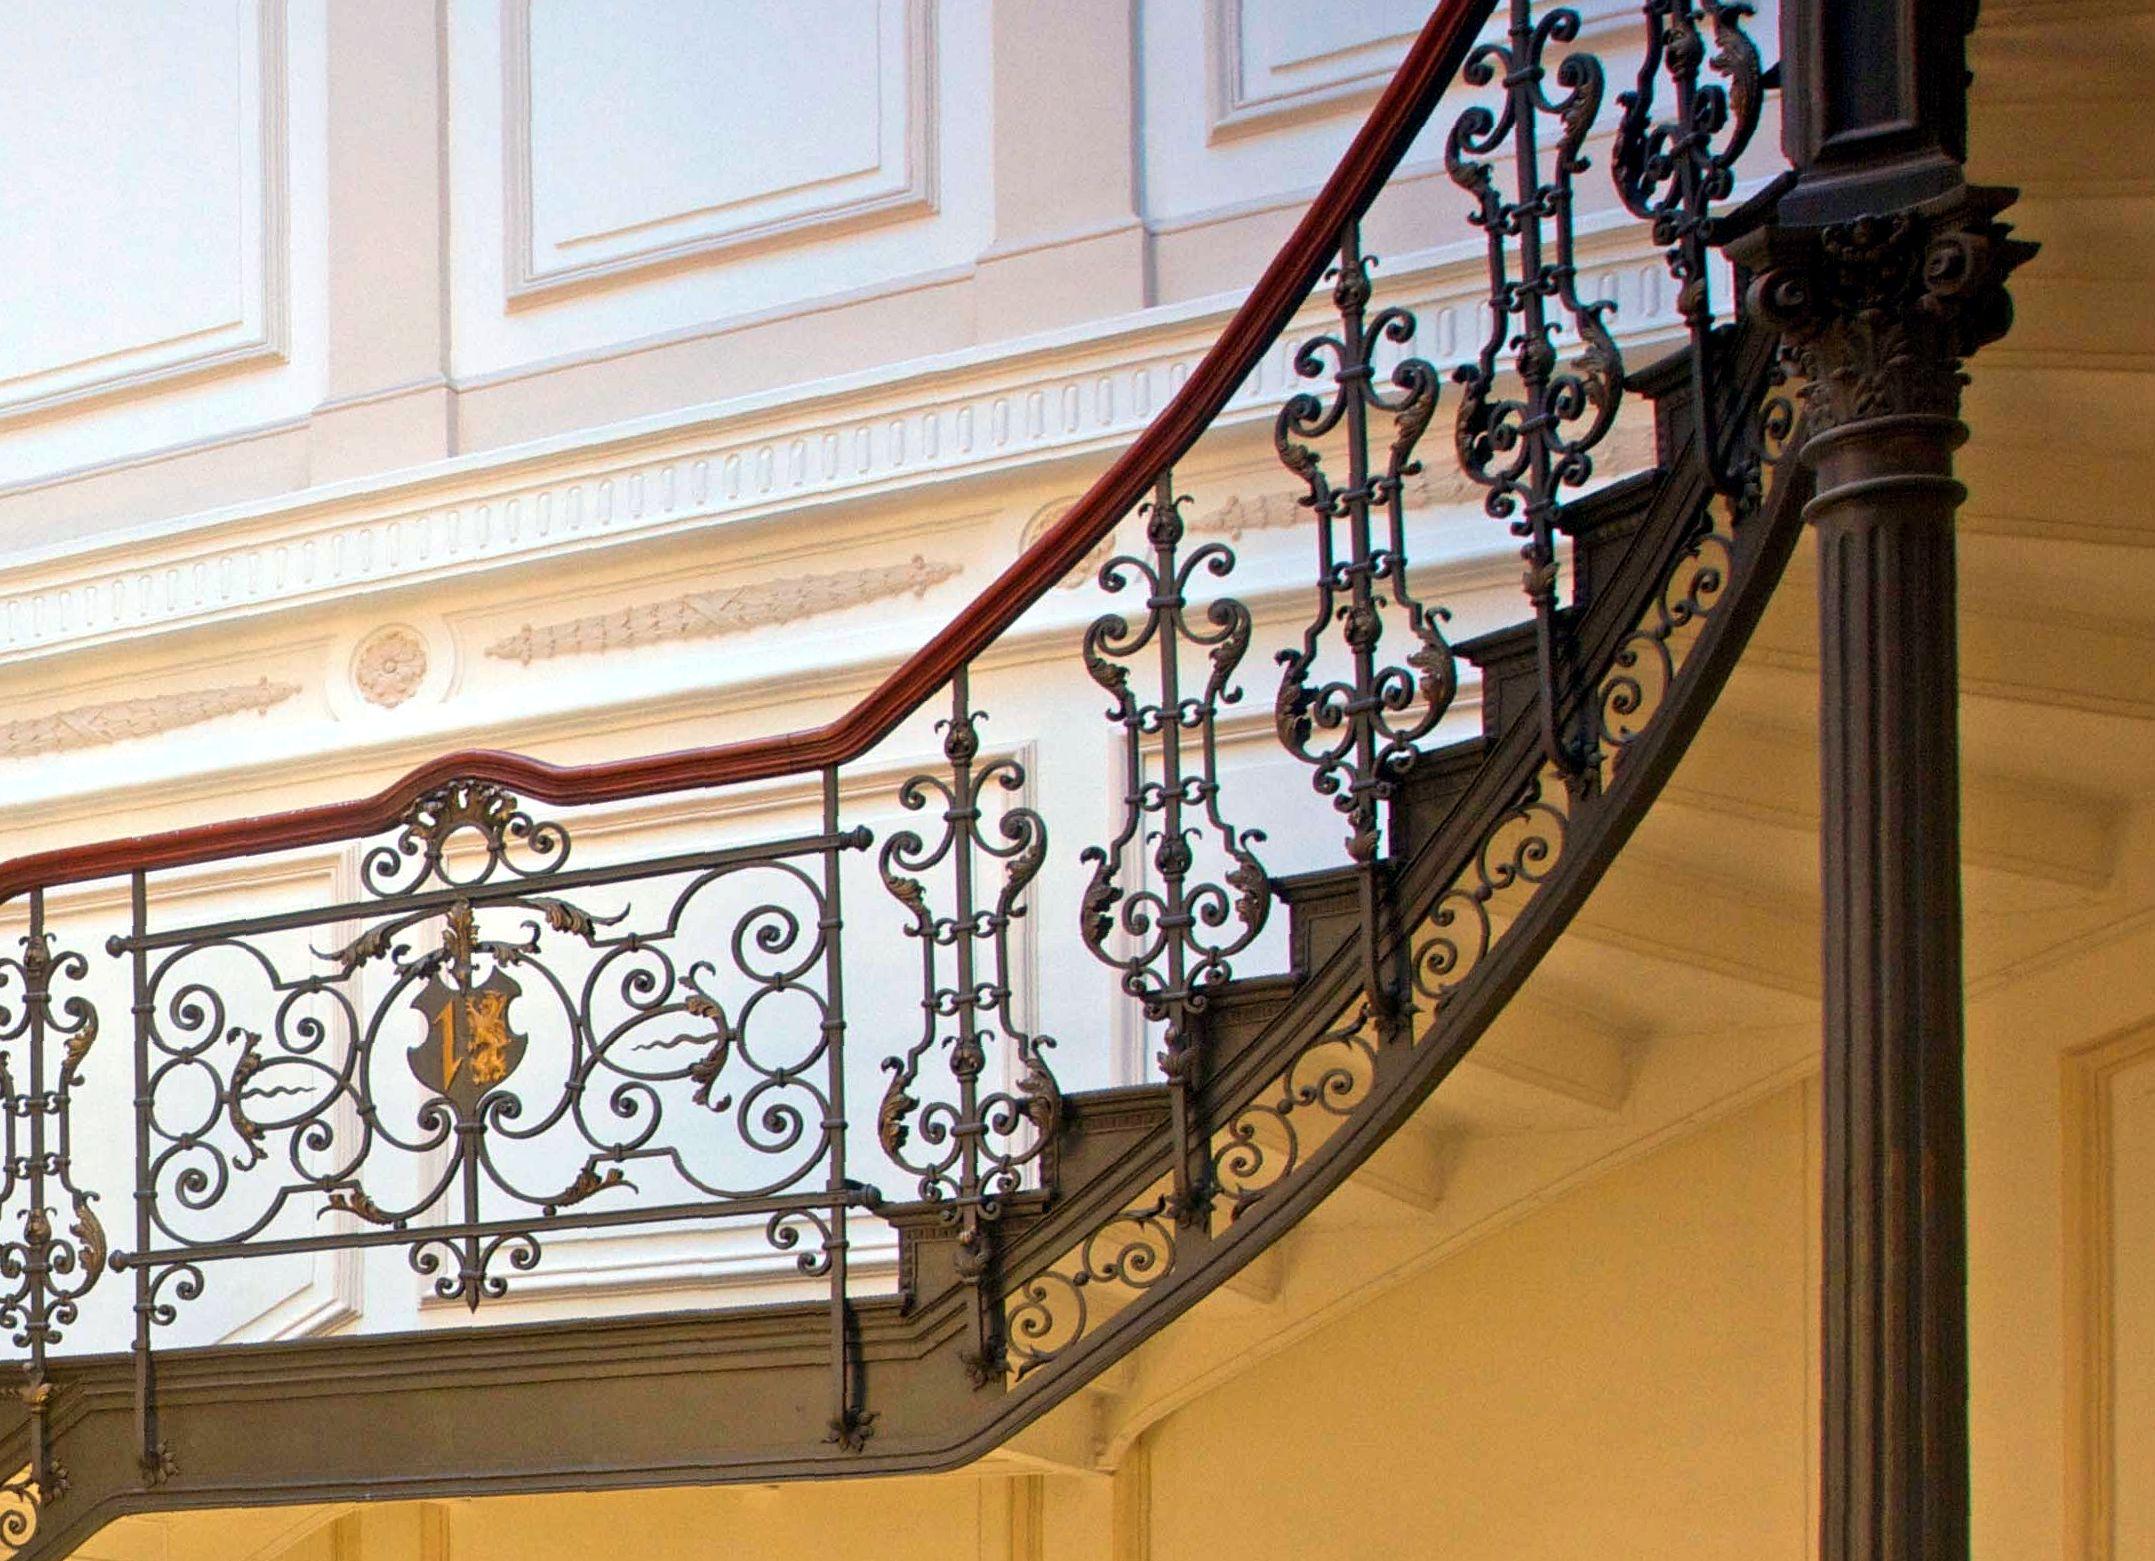 Schmiedeeiserne Gländer an der Galerie und Treppe (Foto Schrimpf)